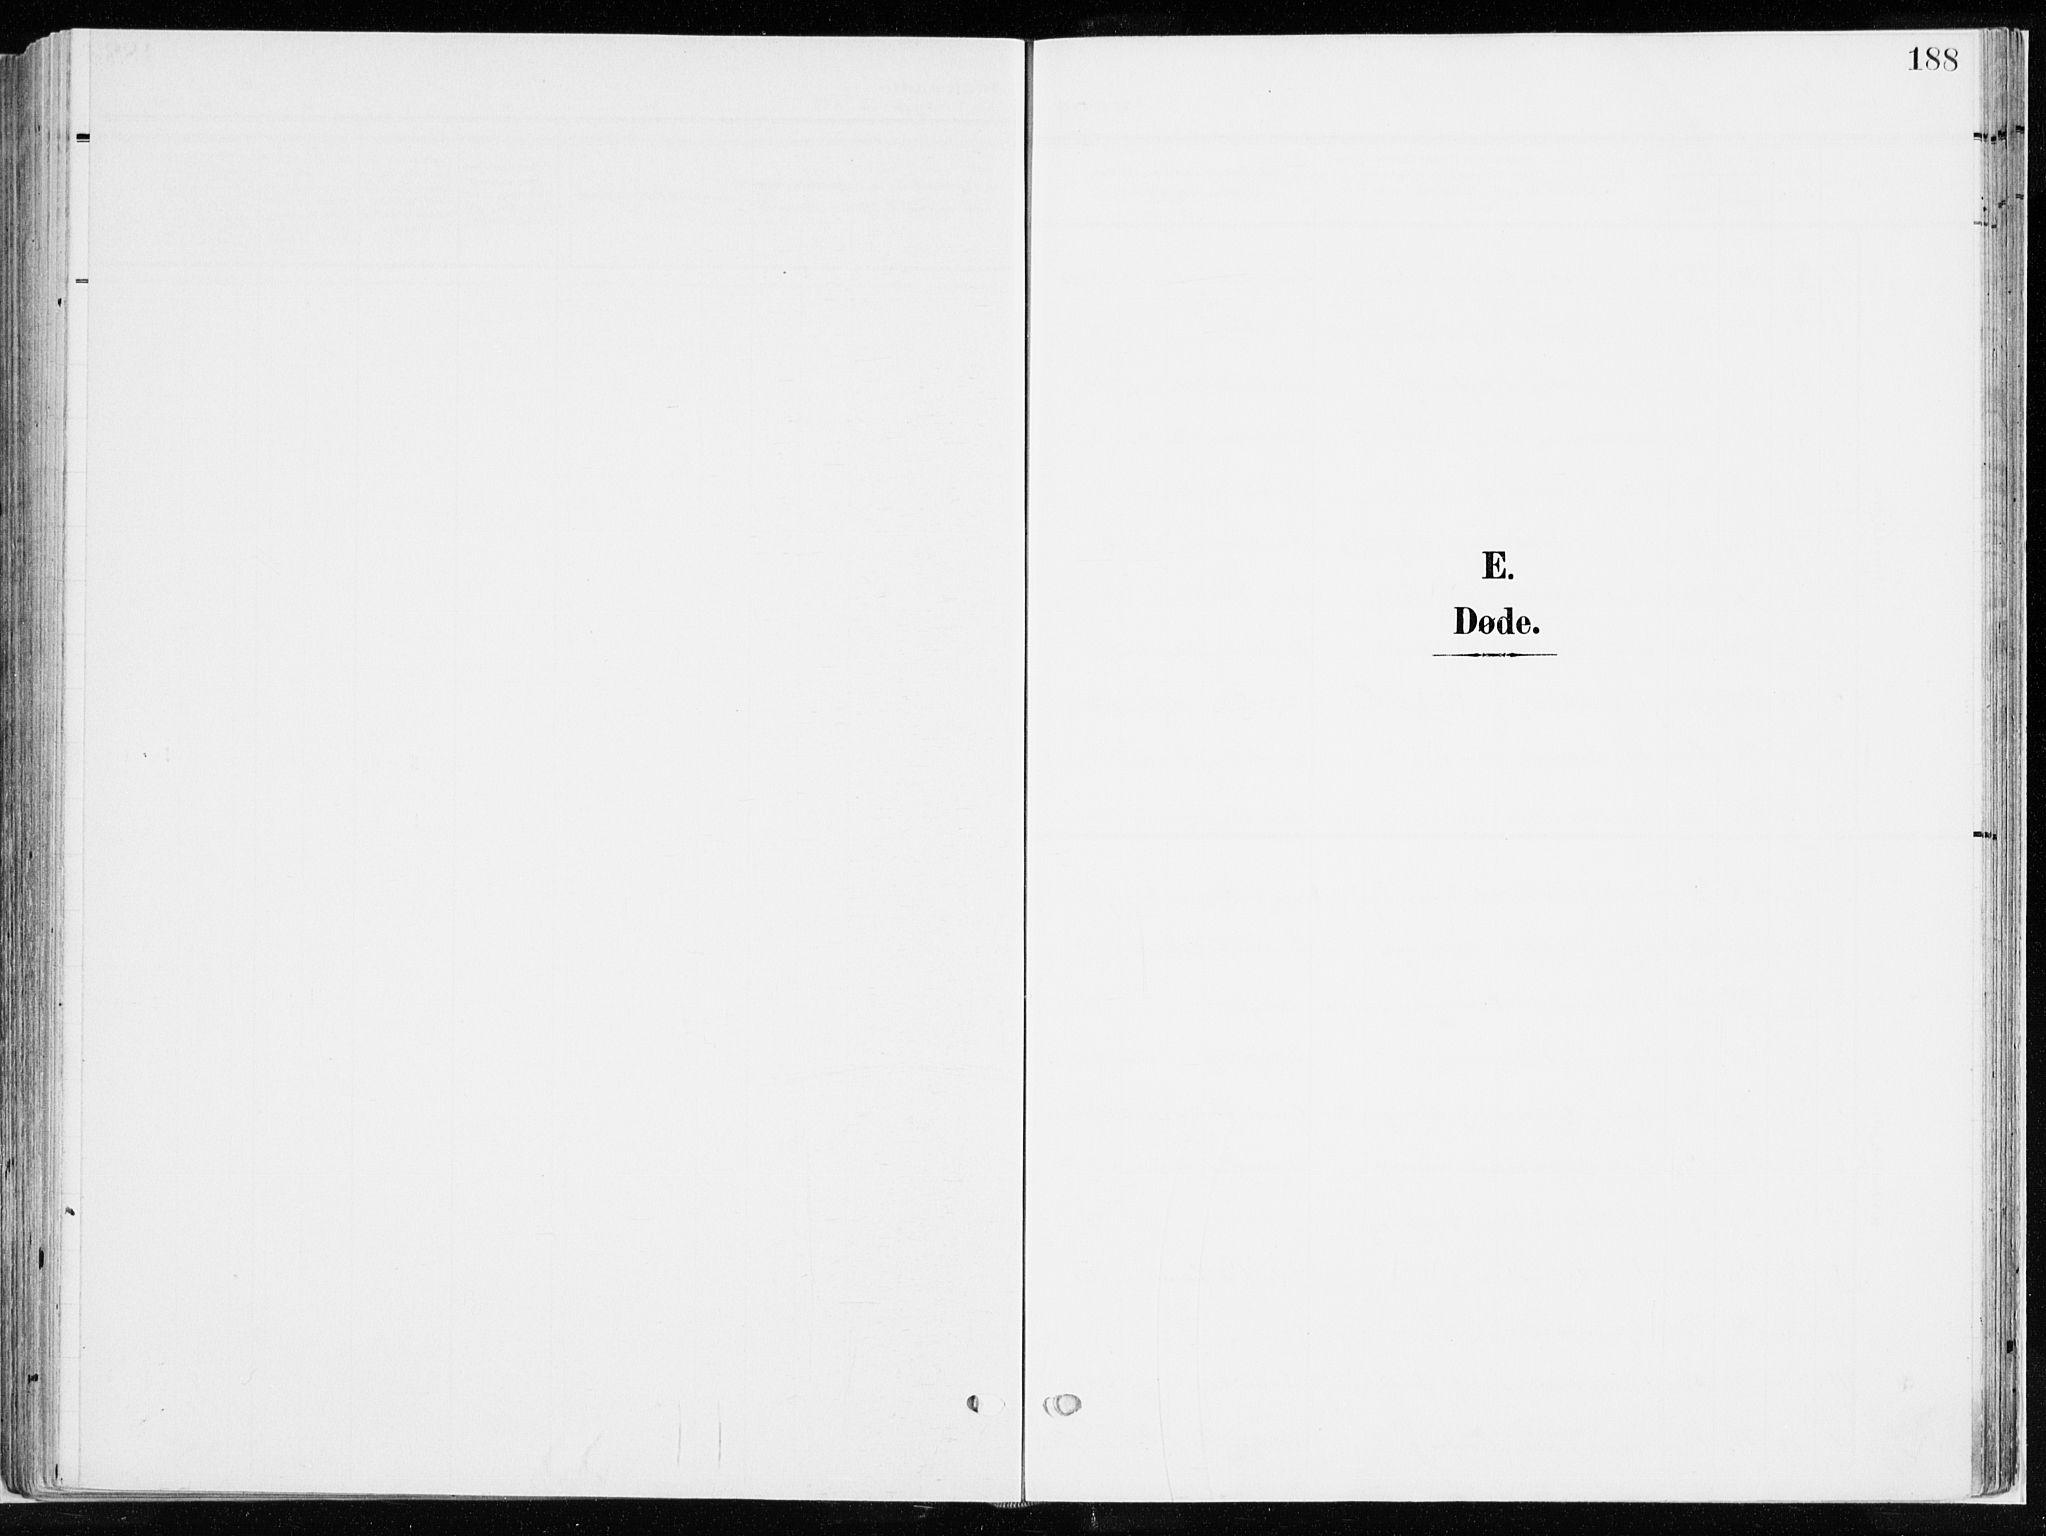 SAH, Ringsaker prestekontor, K/Ka/L0019: Ministerialbok nr. 19, 1905-1920, s. 188